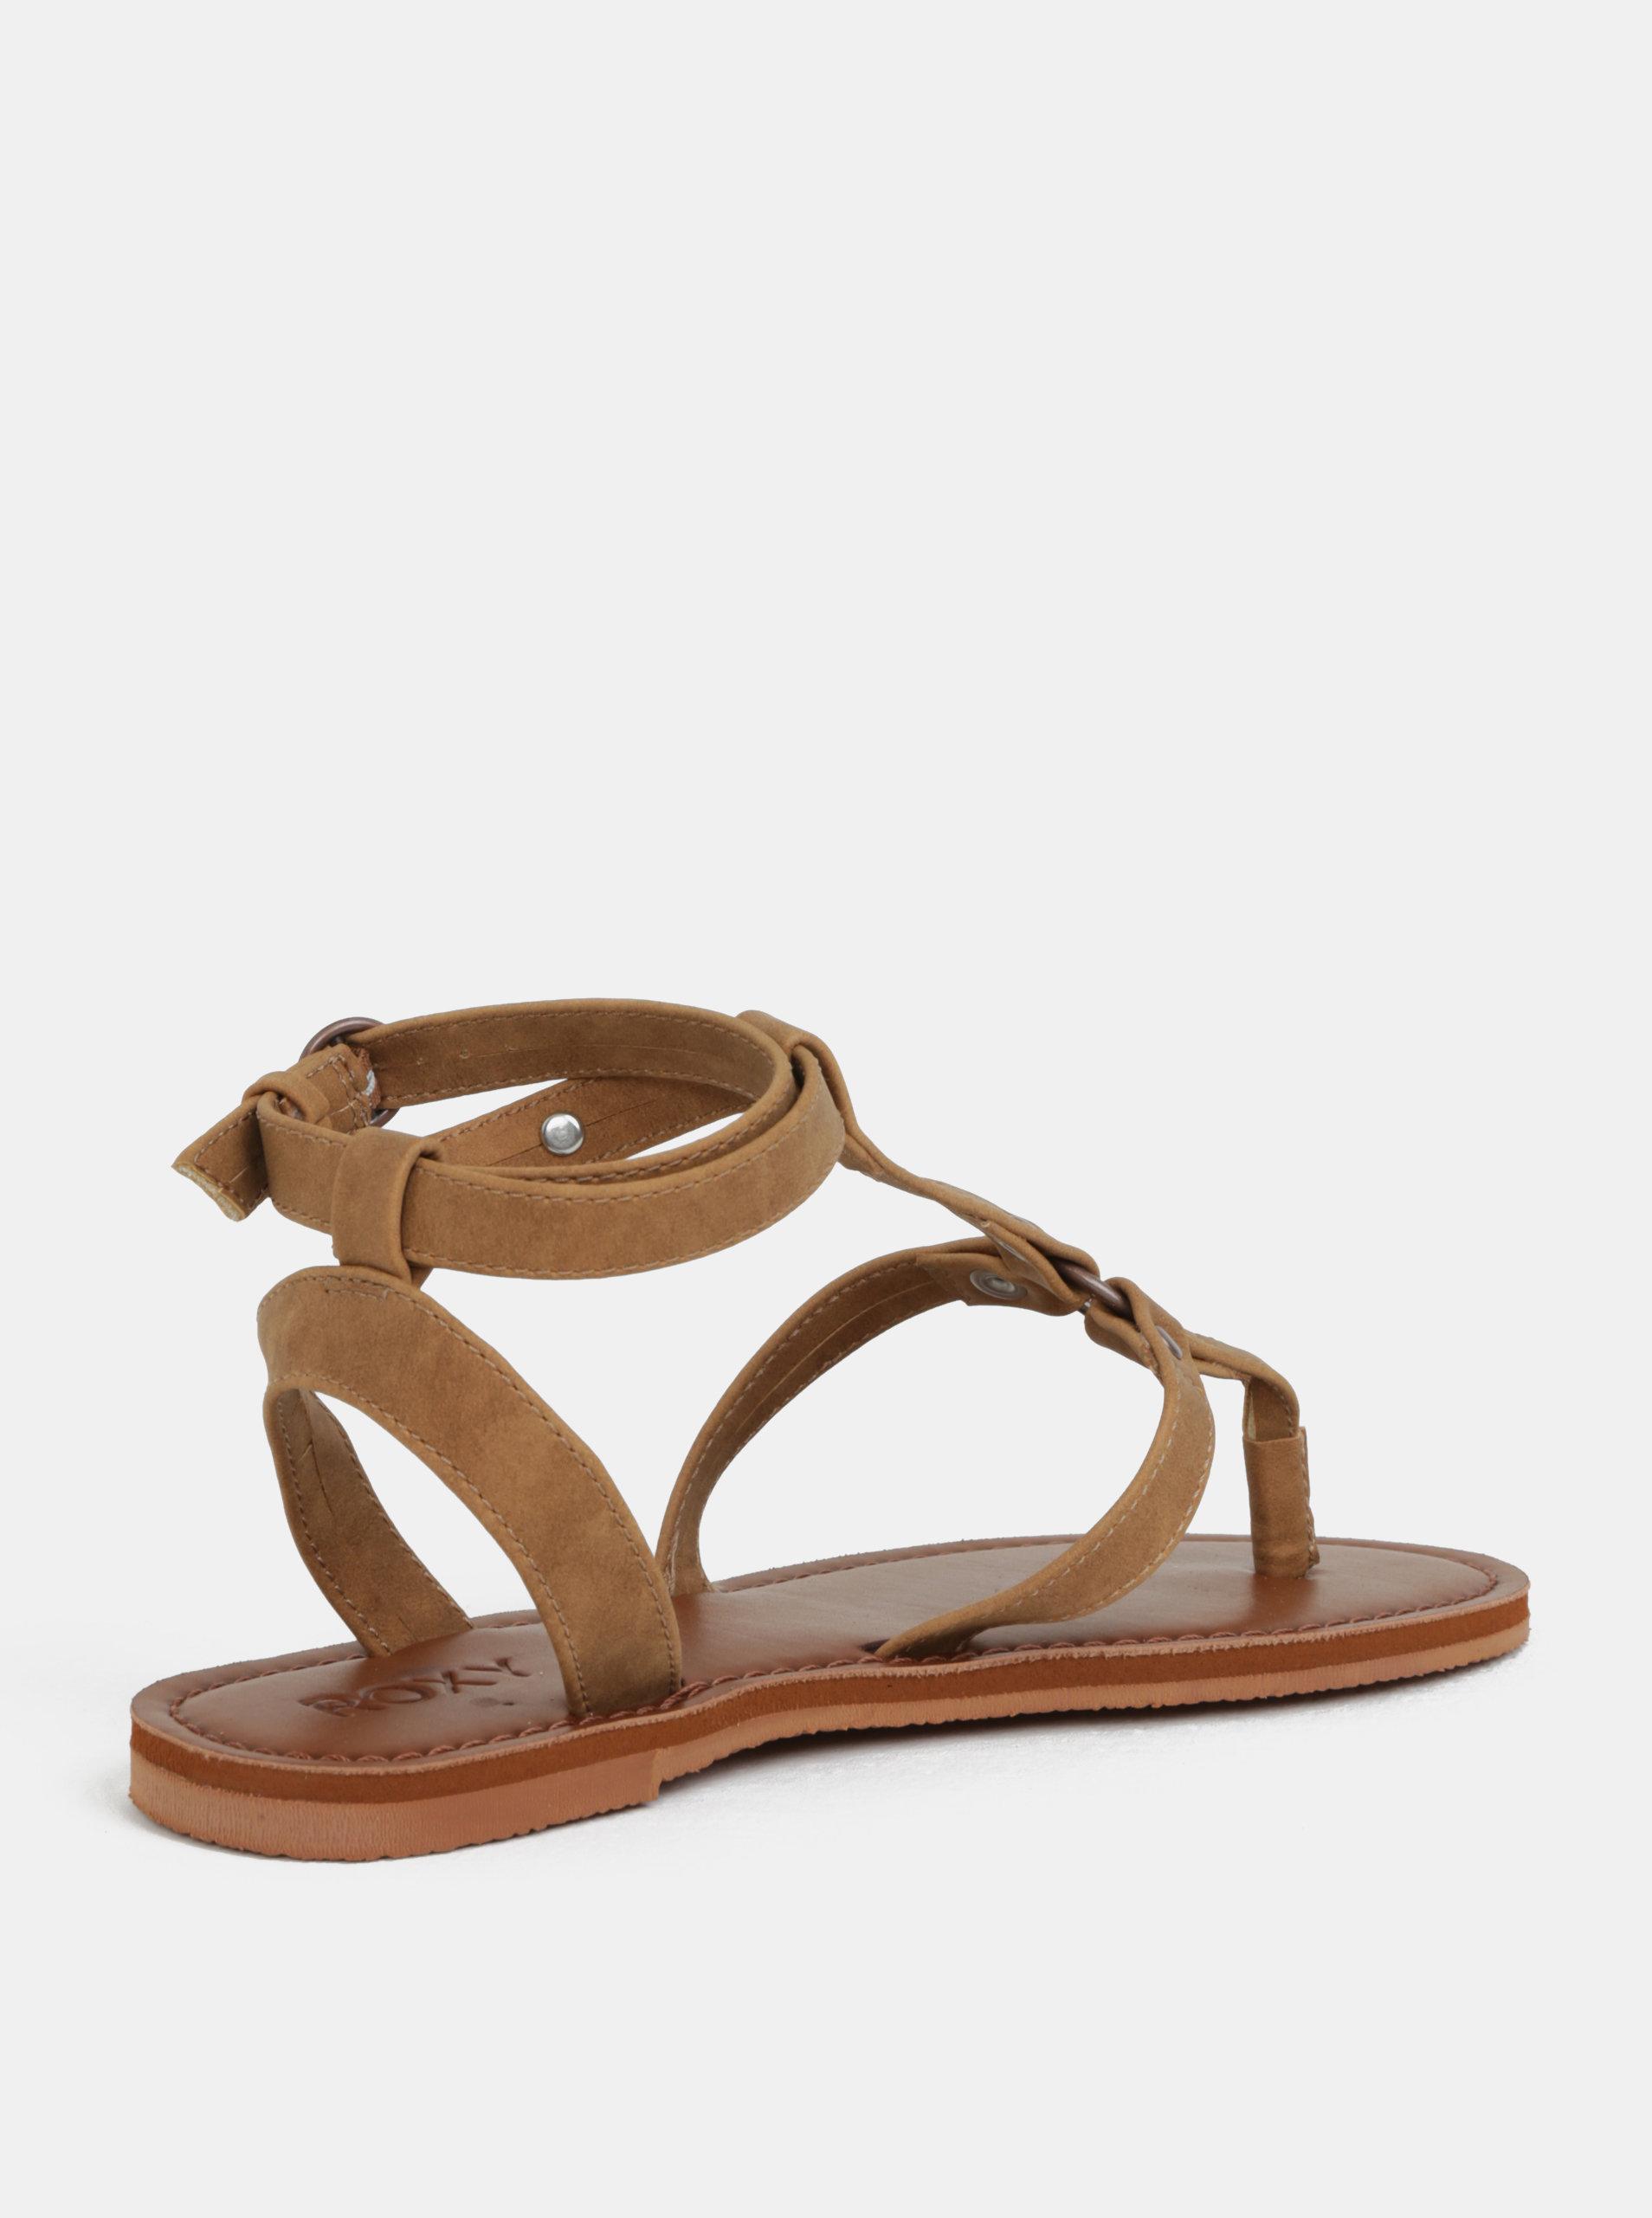 Hnědé dámské sandály Roxy Soria ... 0ad229c542